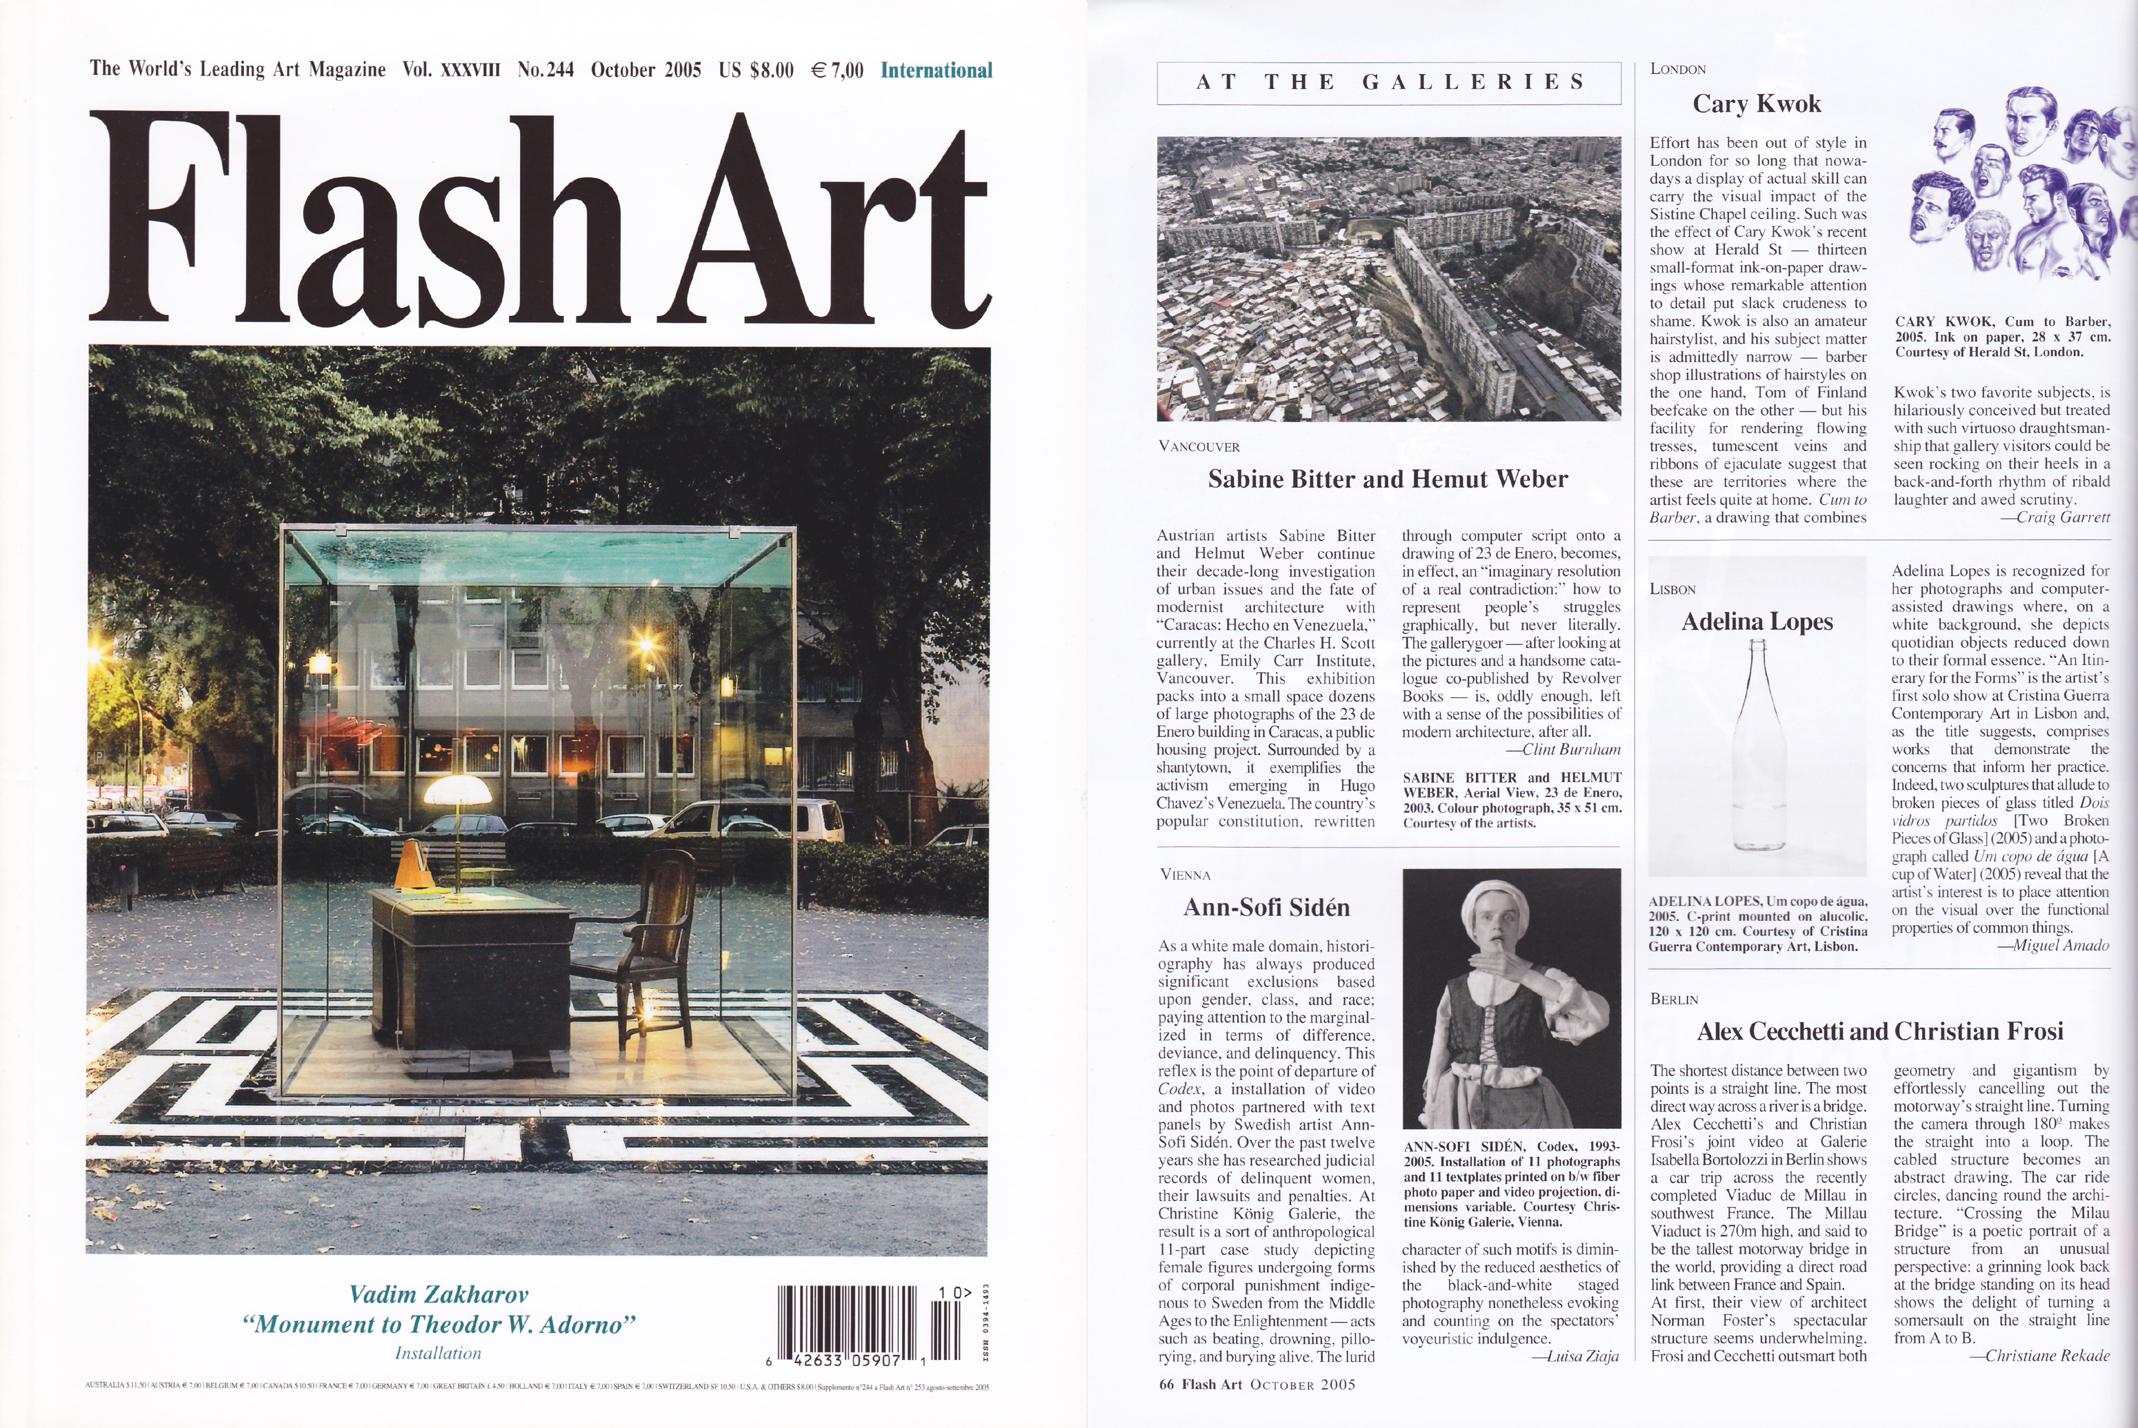 Cary Kwok - Flash Art Magazine (Vol  XXXVIII No 244) - Oct 2005 (e).jpg